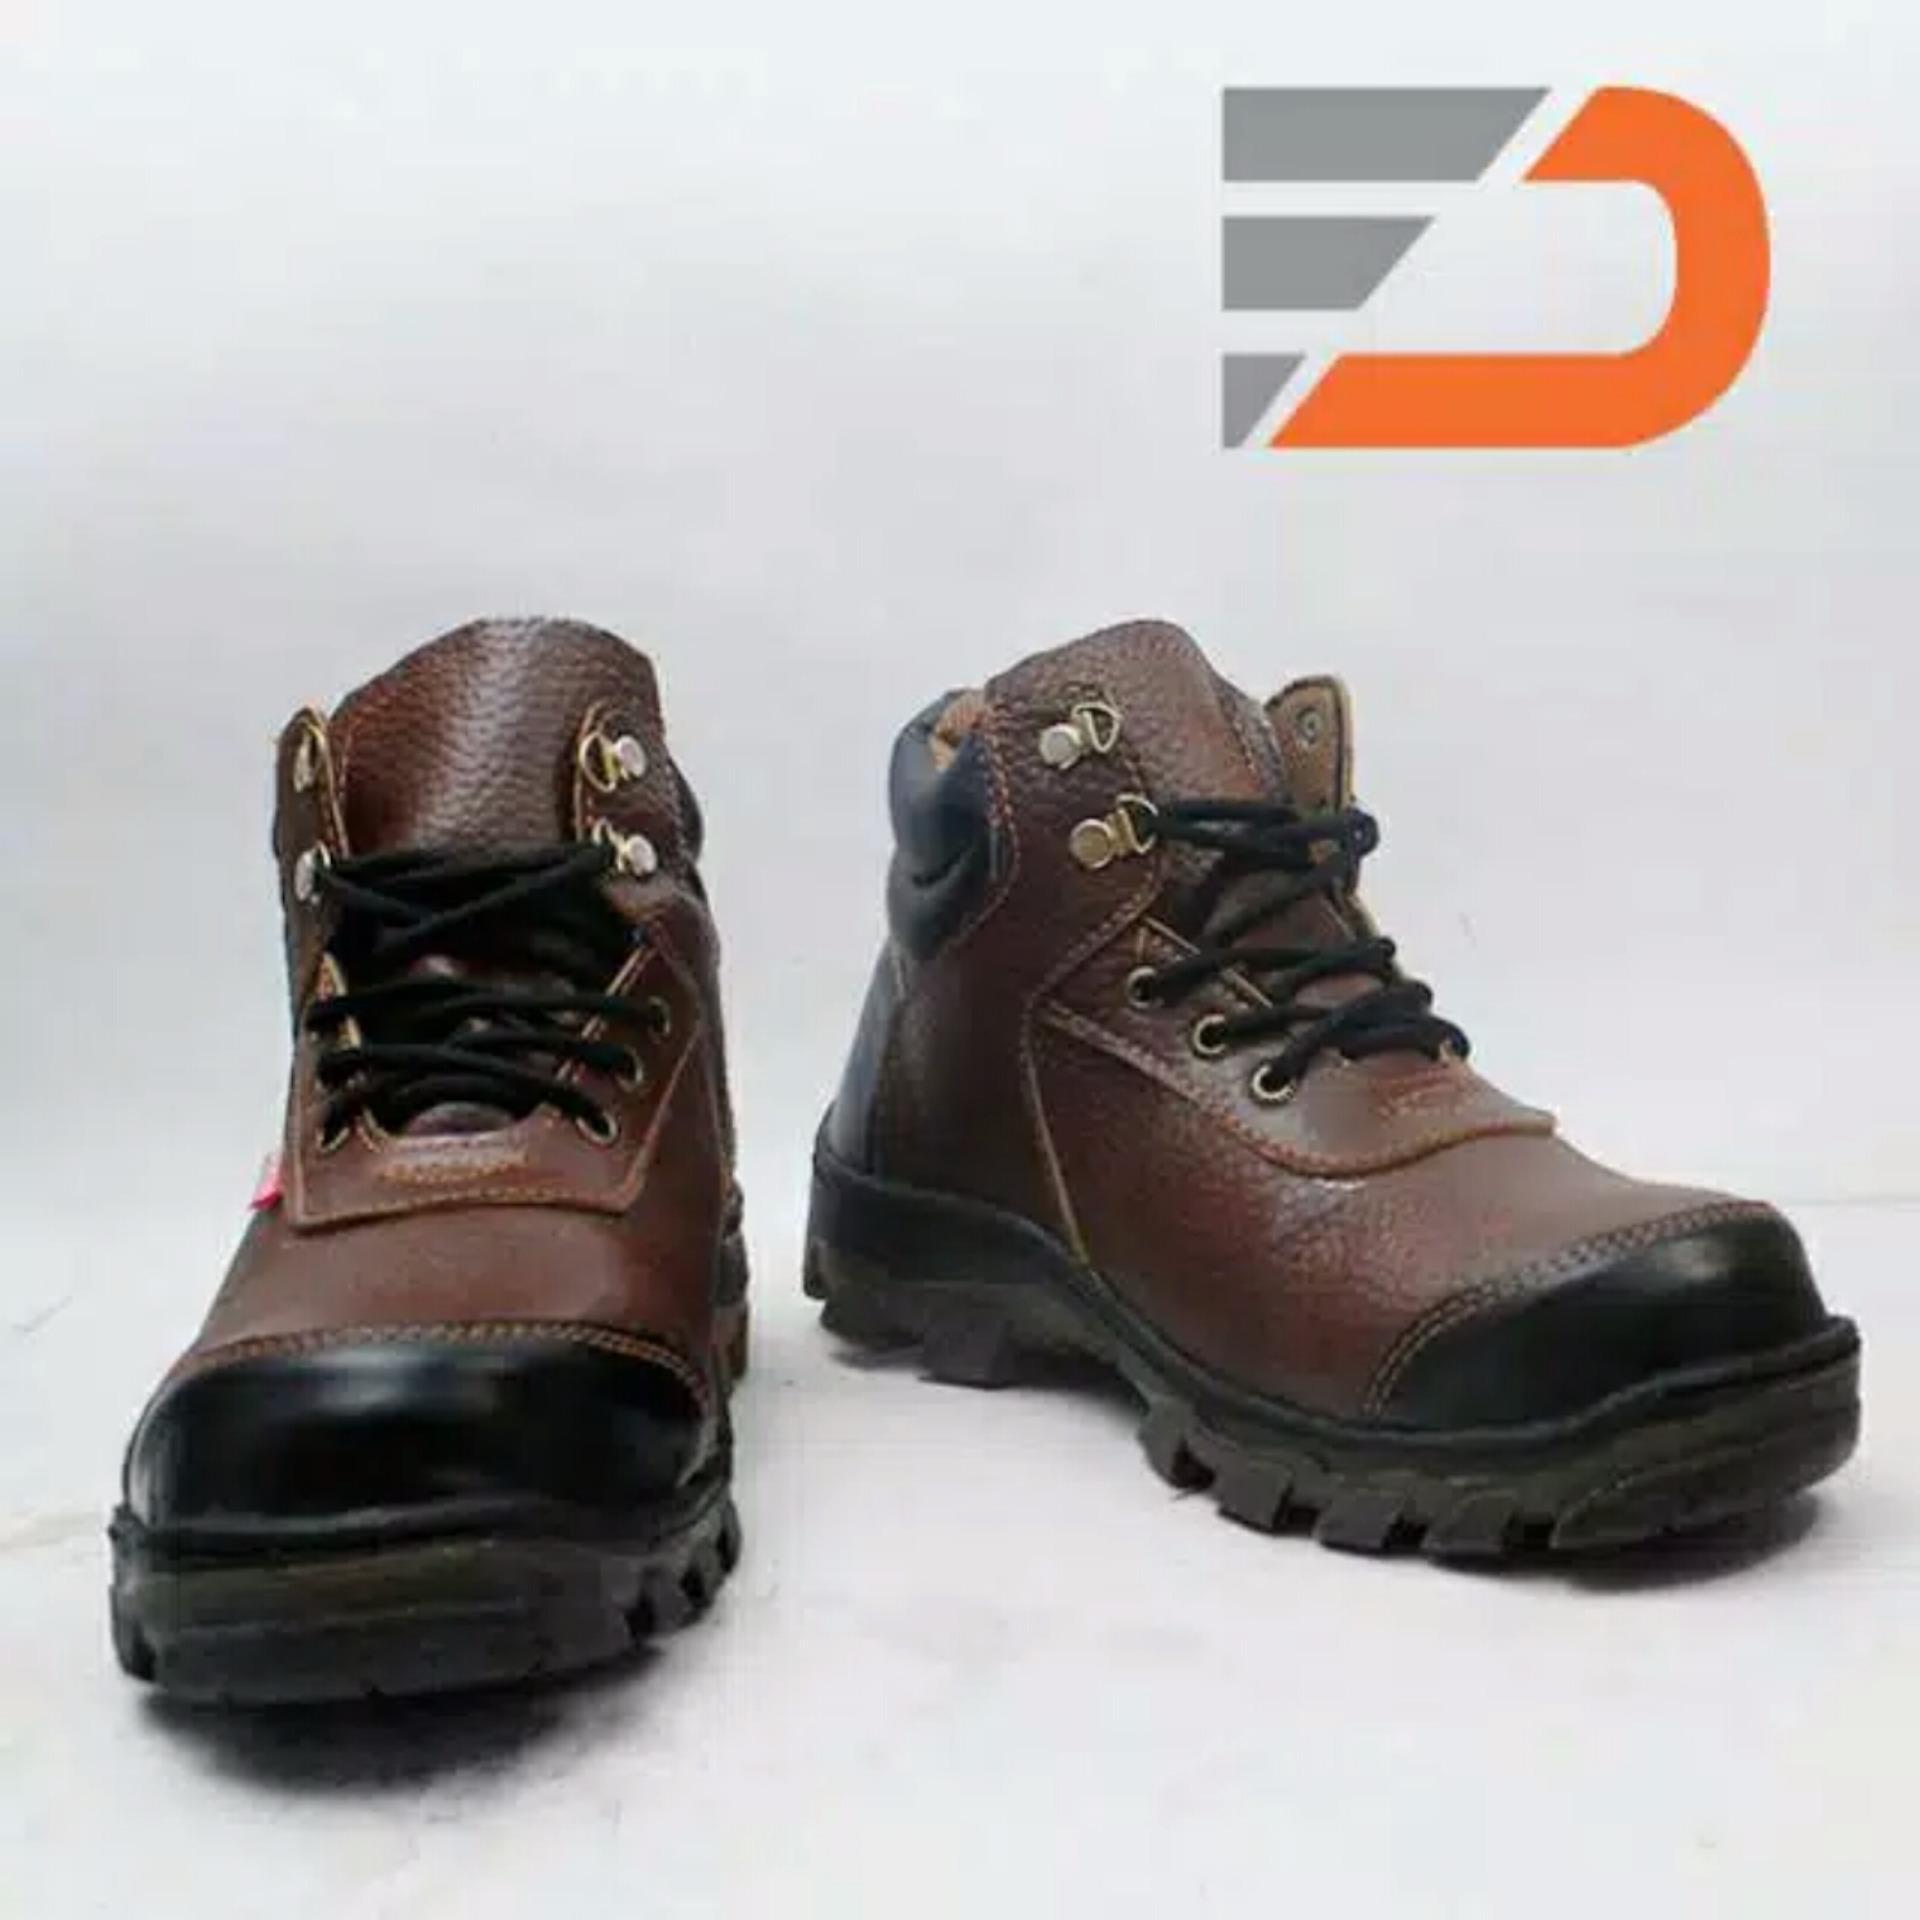 Spesifikasi Spartan Sepatu Safety Boots Sepatu Pria Berkualitas Kulit Sapi Asli Coklat Terbaik